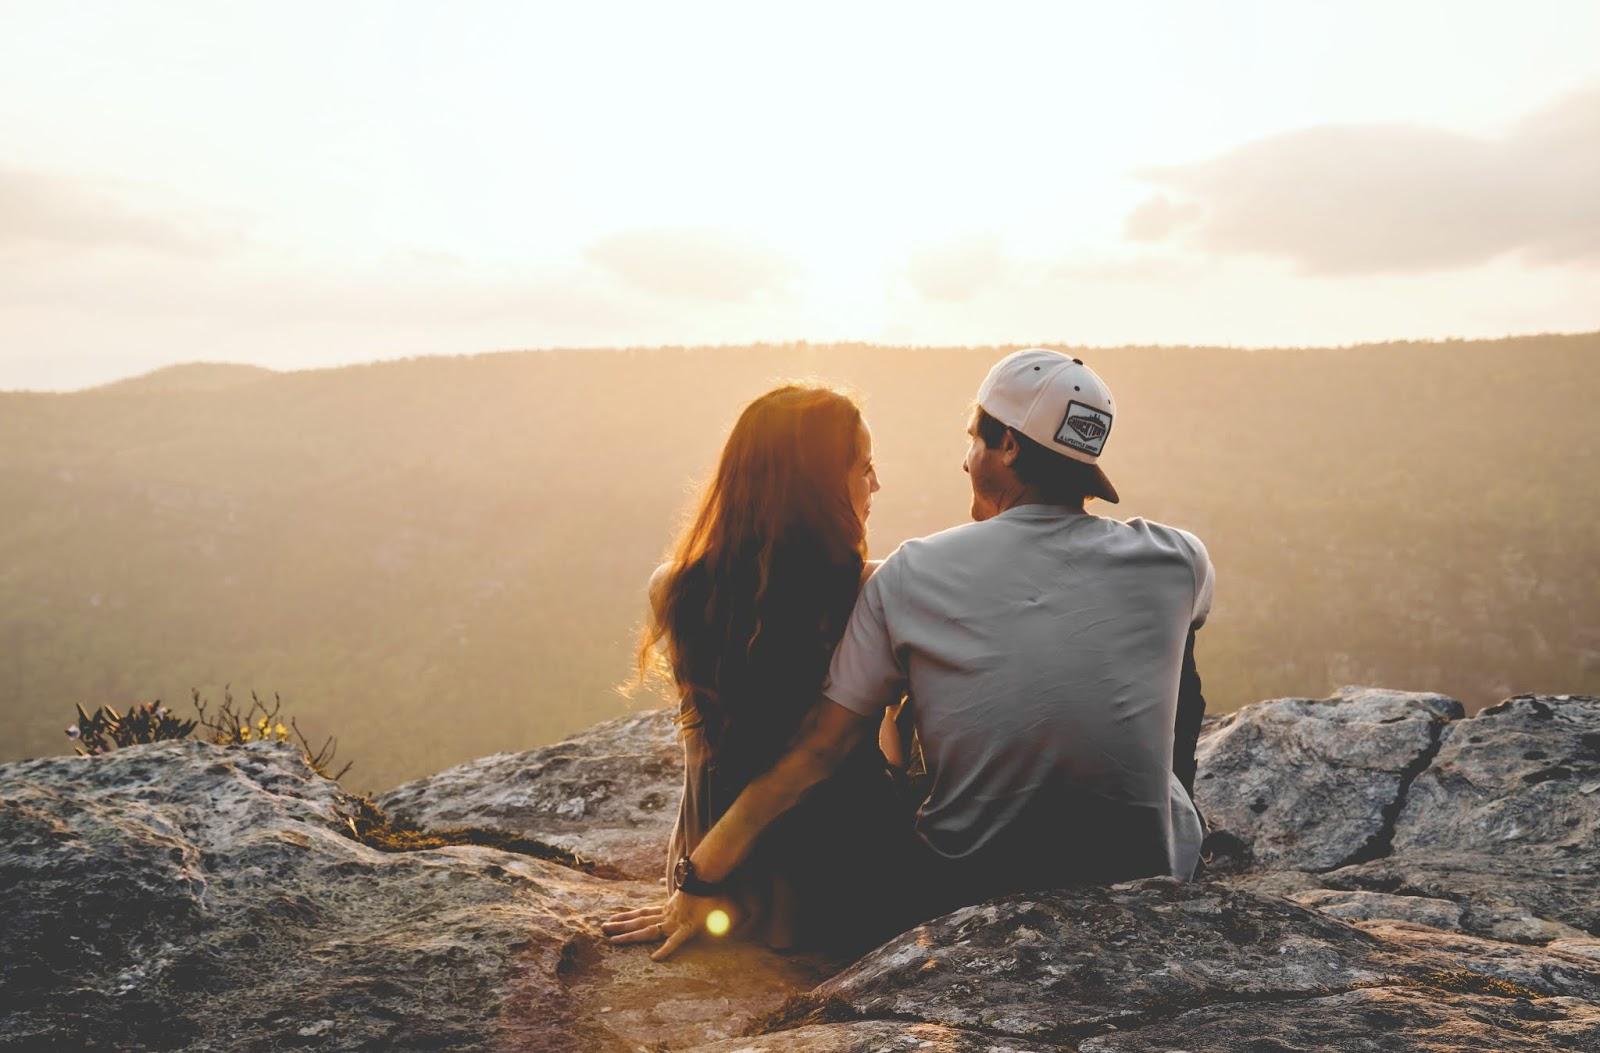 cặp đôi ngồi trên núi - chinh phục phụ nữ xử nữ